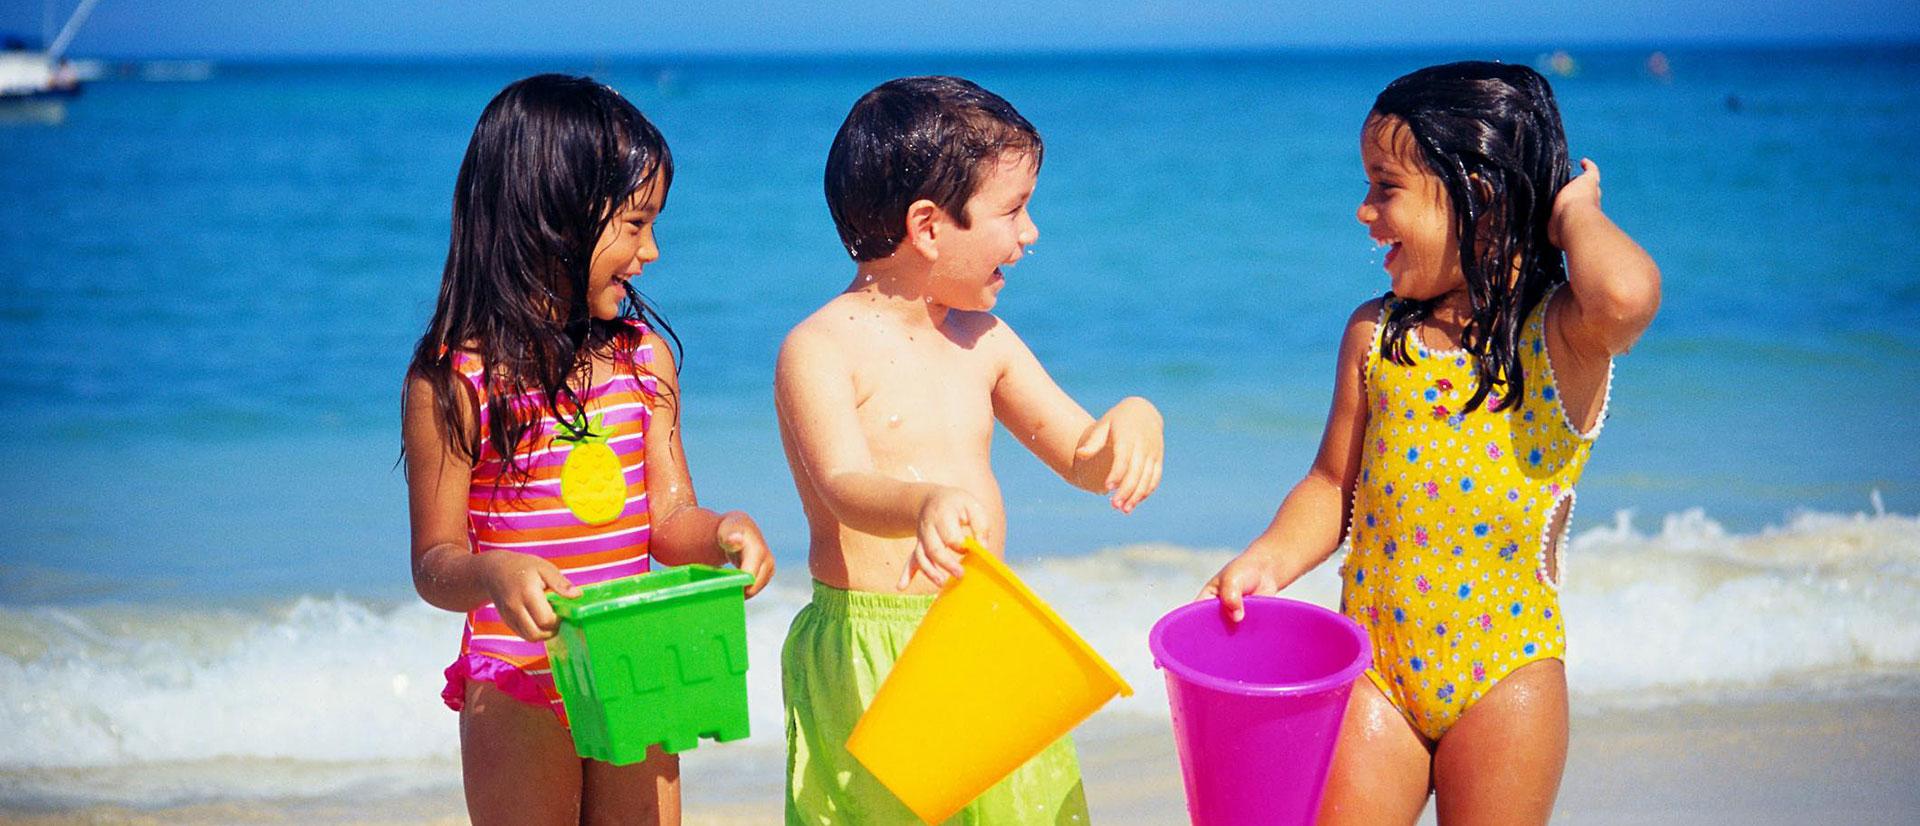 hotel-jesolo-bambini-in-spiaggia